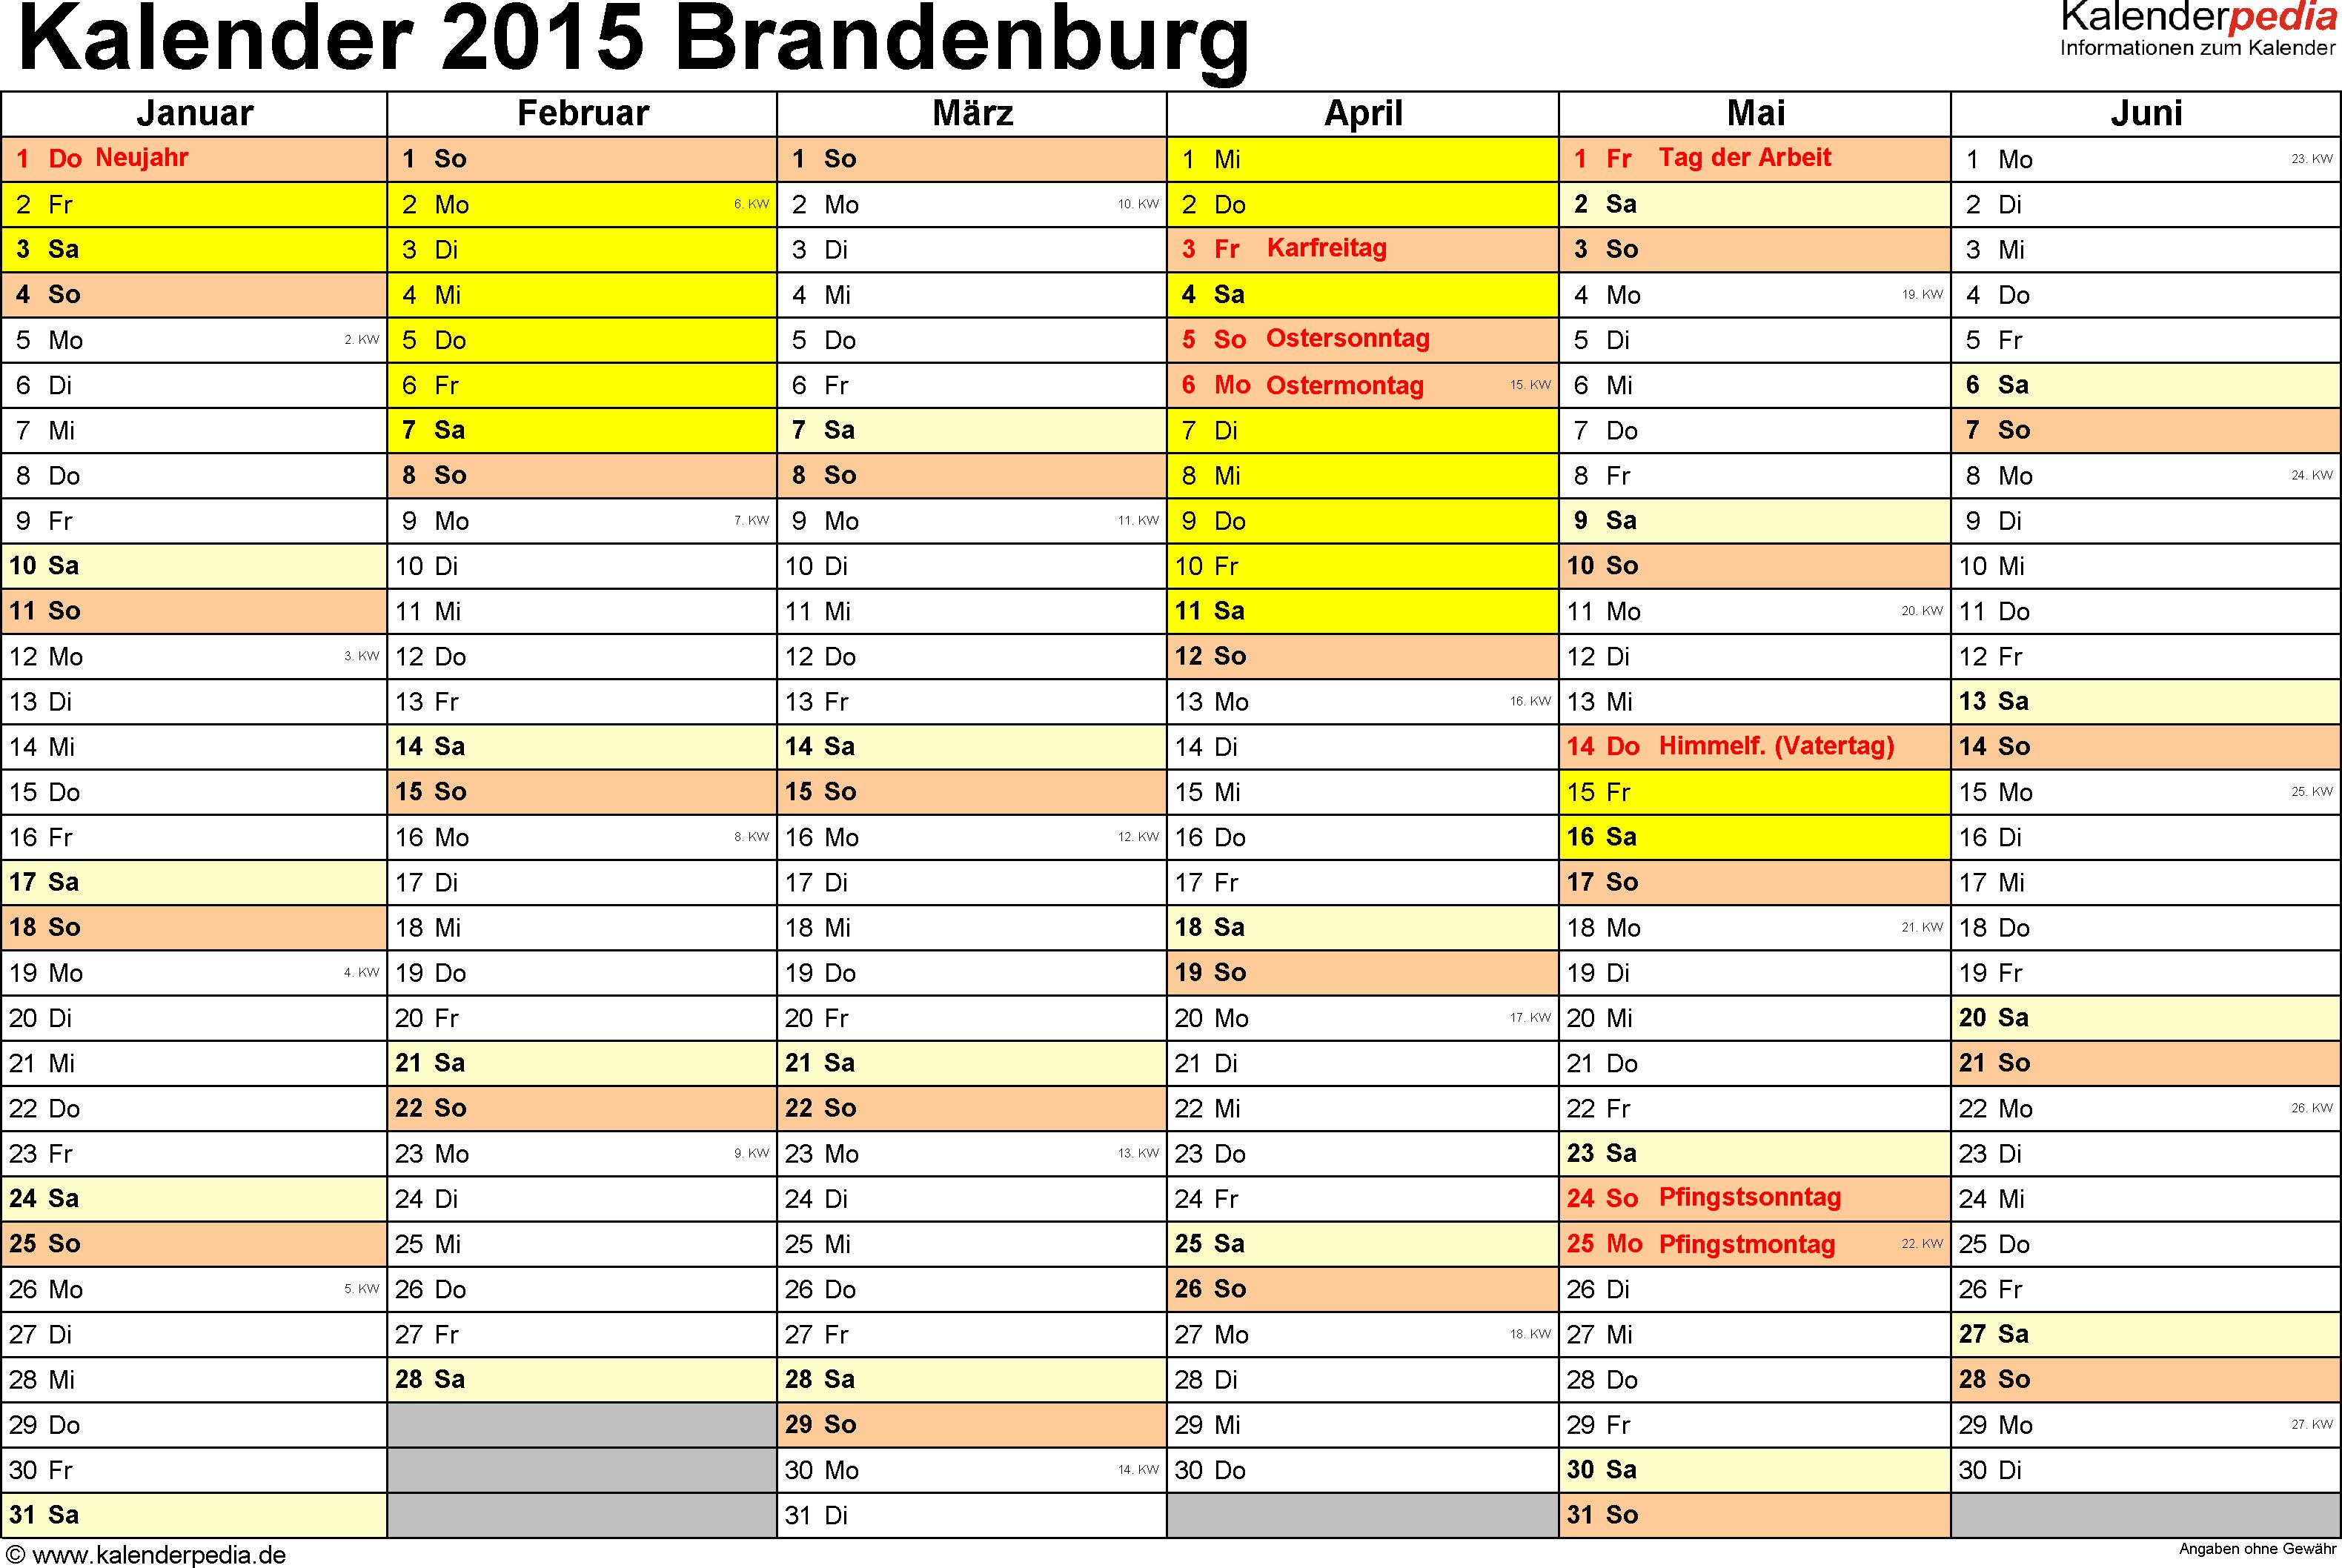 Vorlage 2: Kalender 2015 für Brandenburg als Word-Vorlage (Querformat, 2 Seiten)